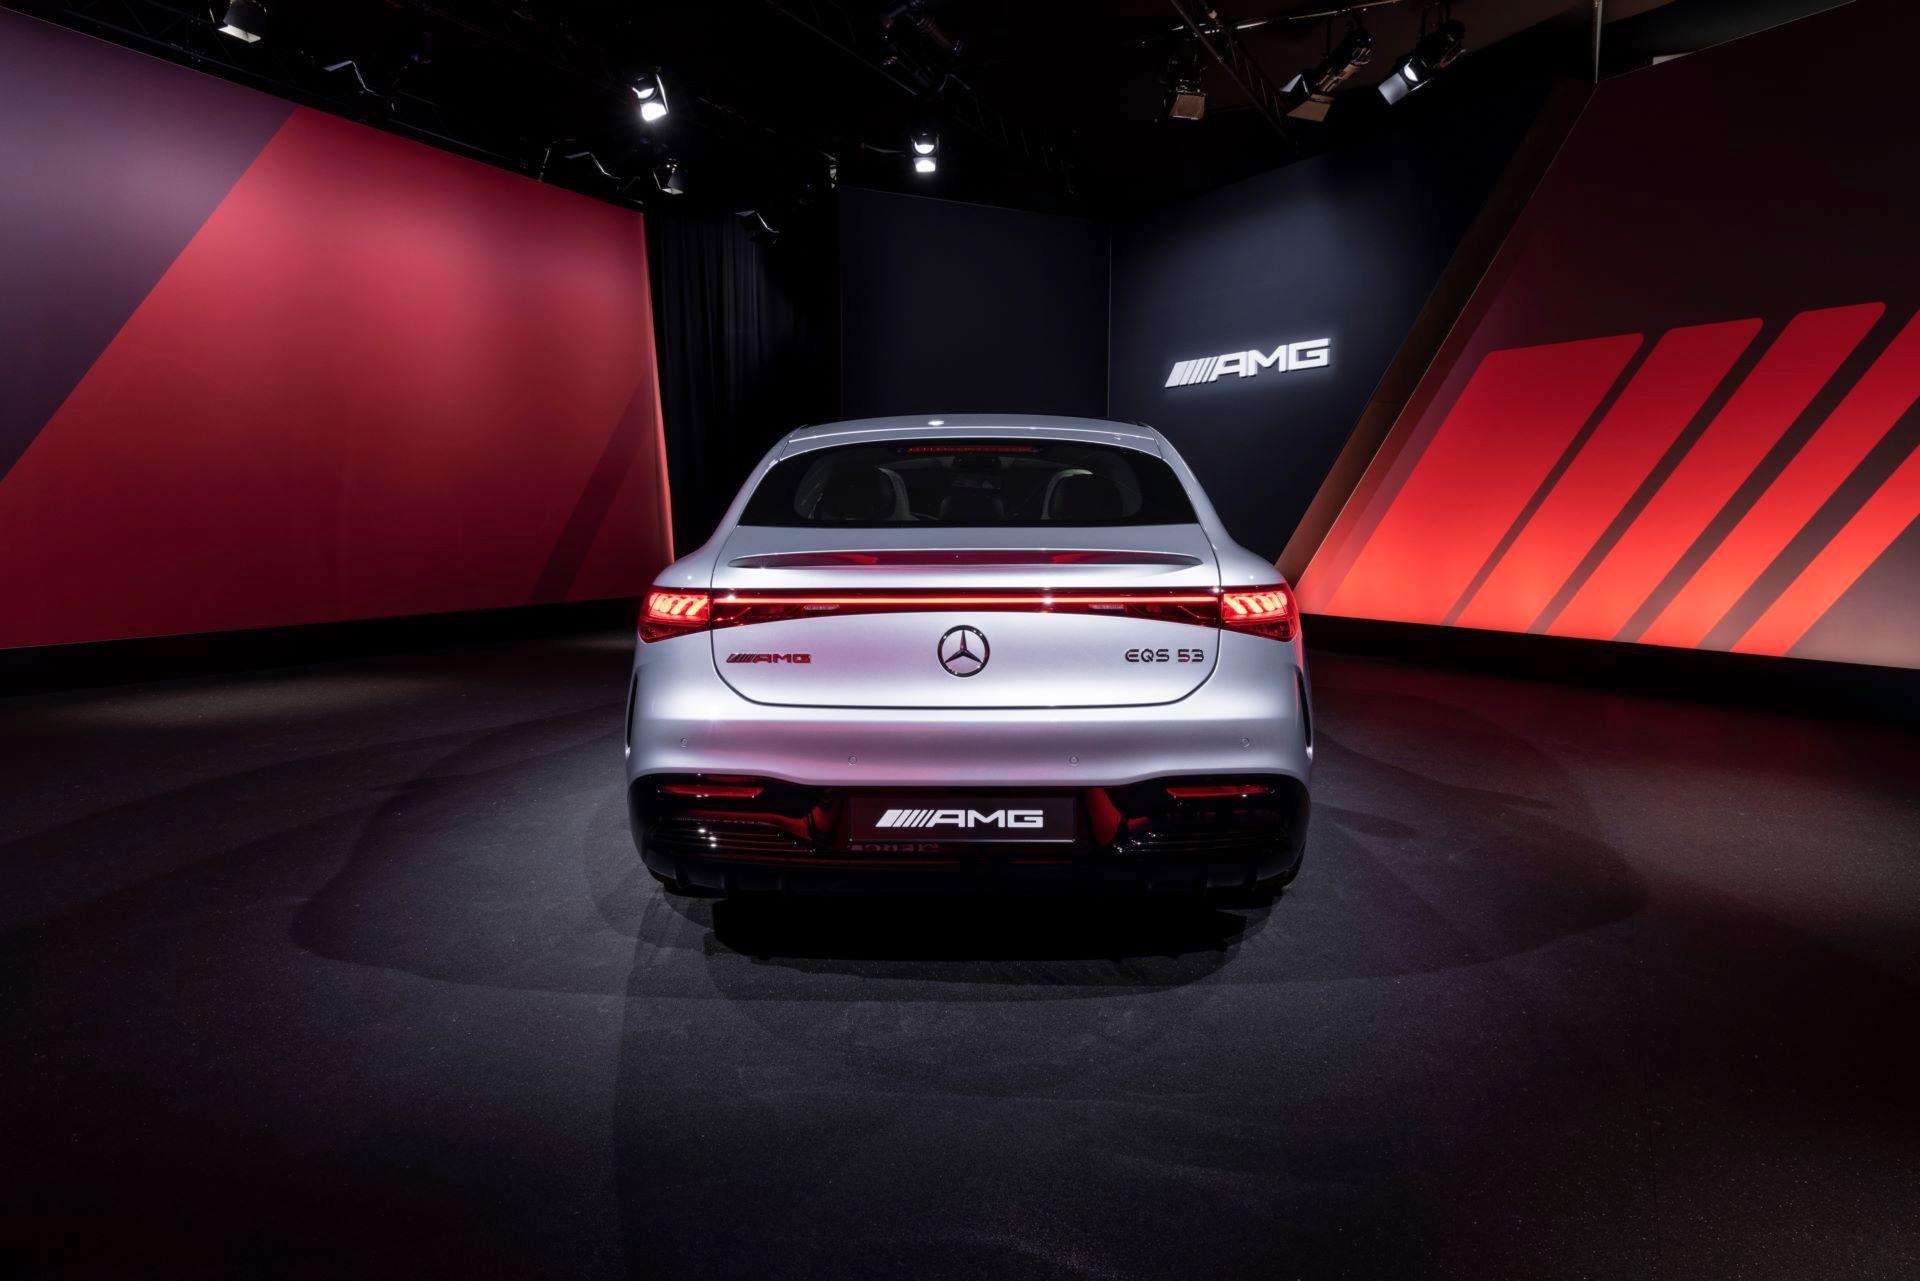 Mercedes-AMG-EQS-53-42